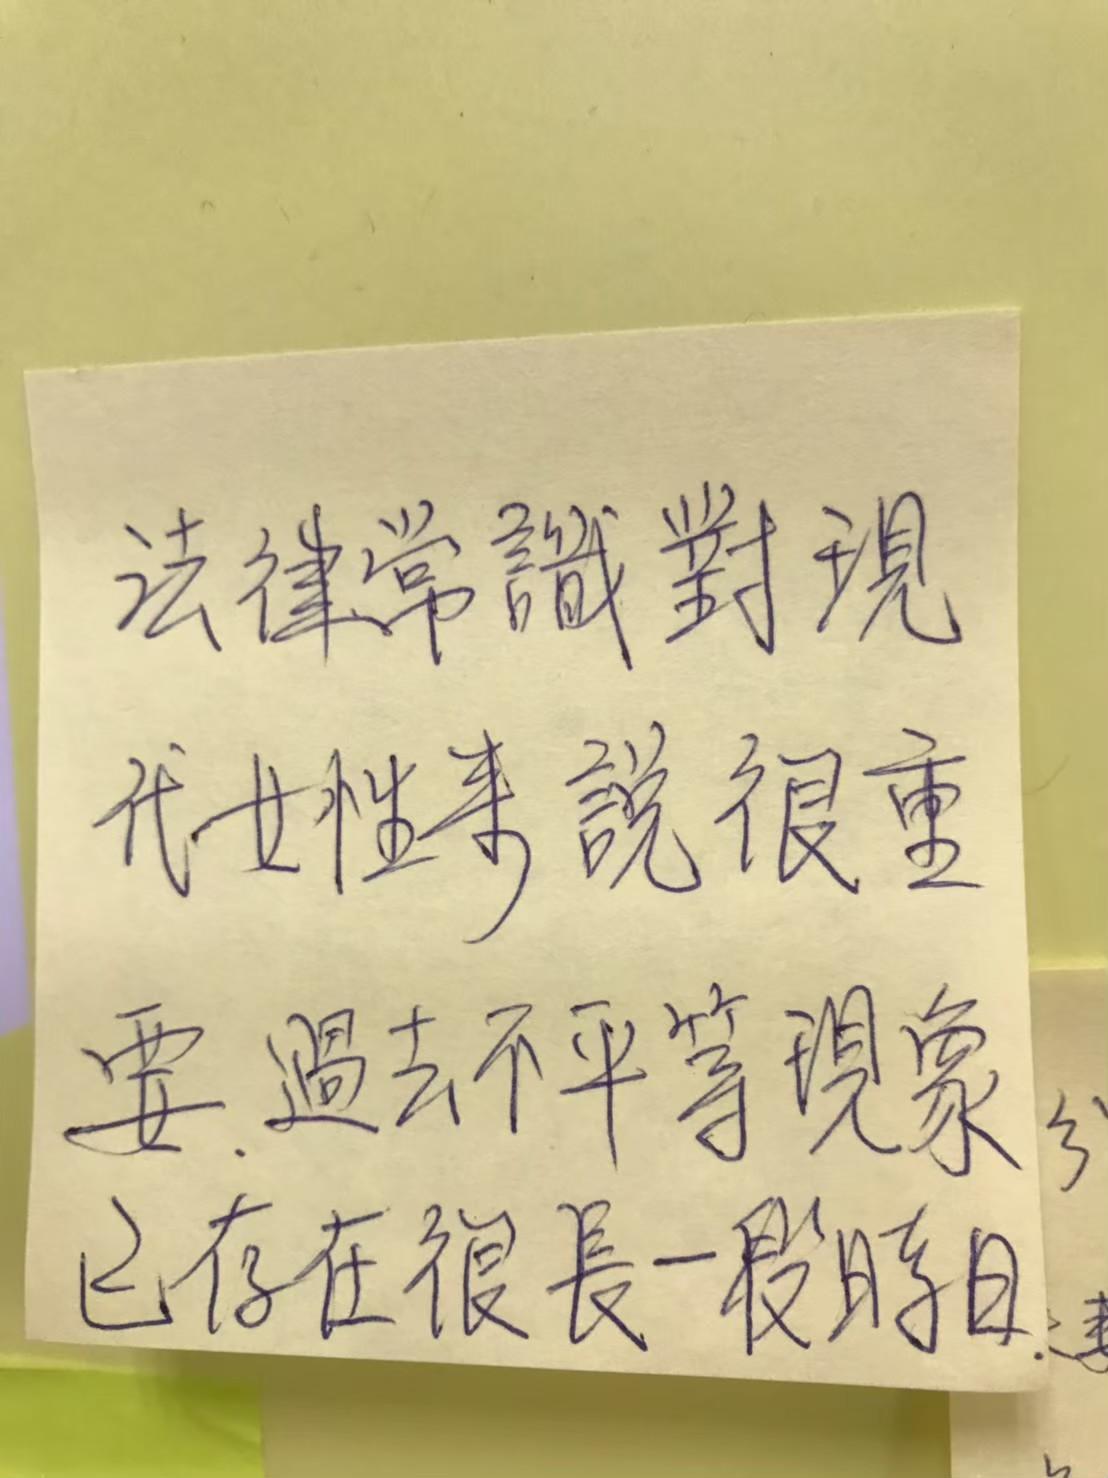 石勝漳老師財産制度_191126_0014